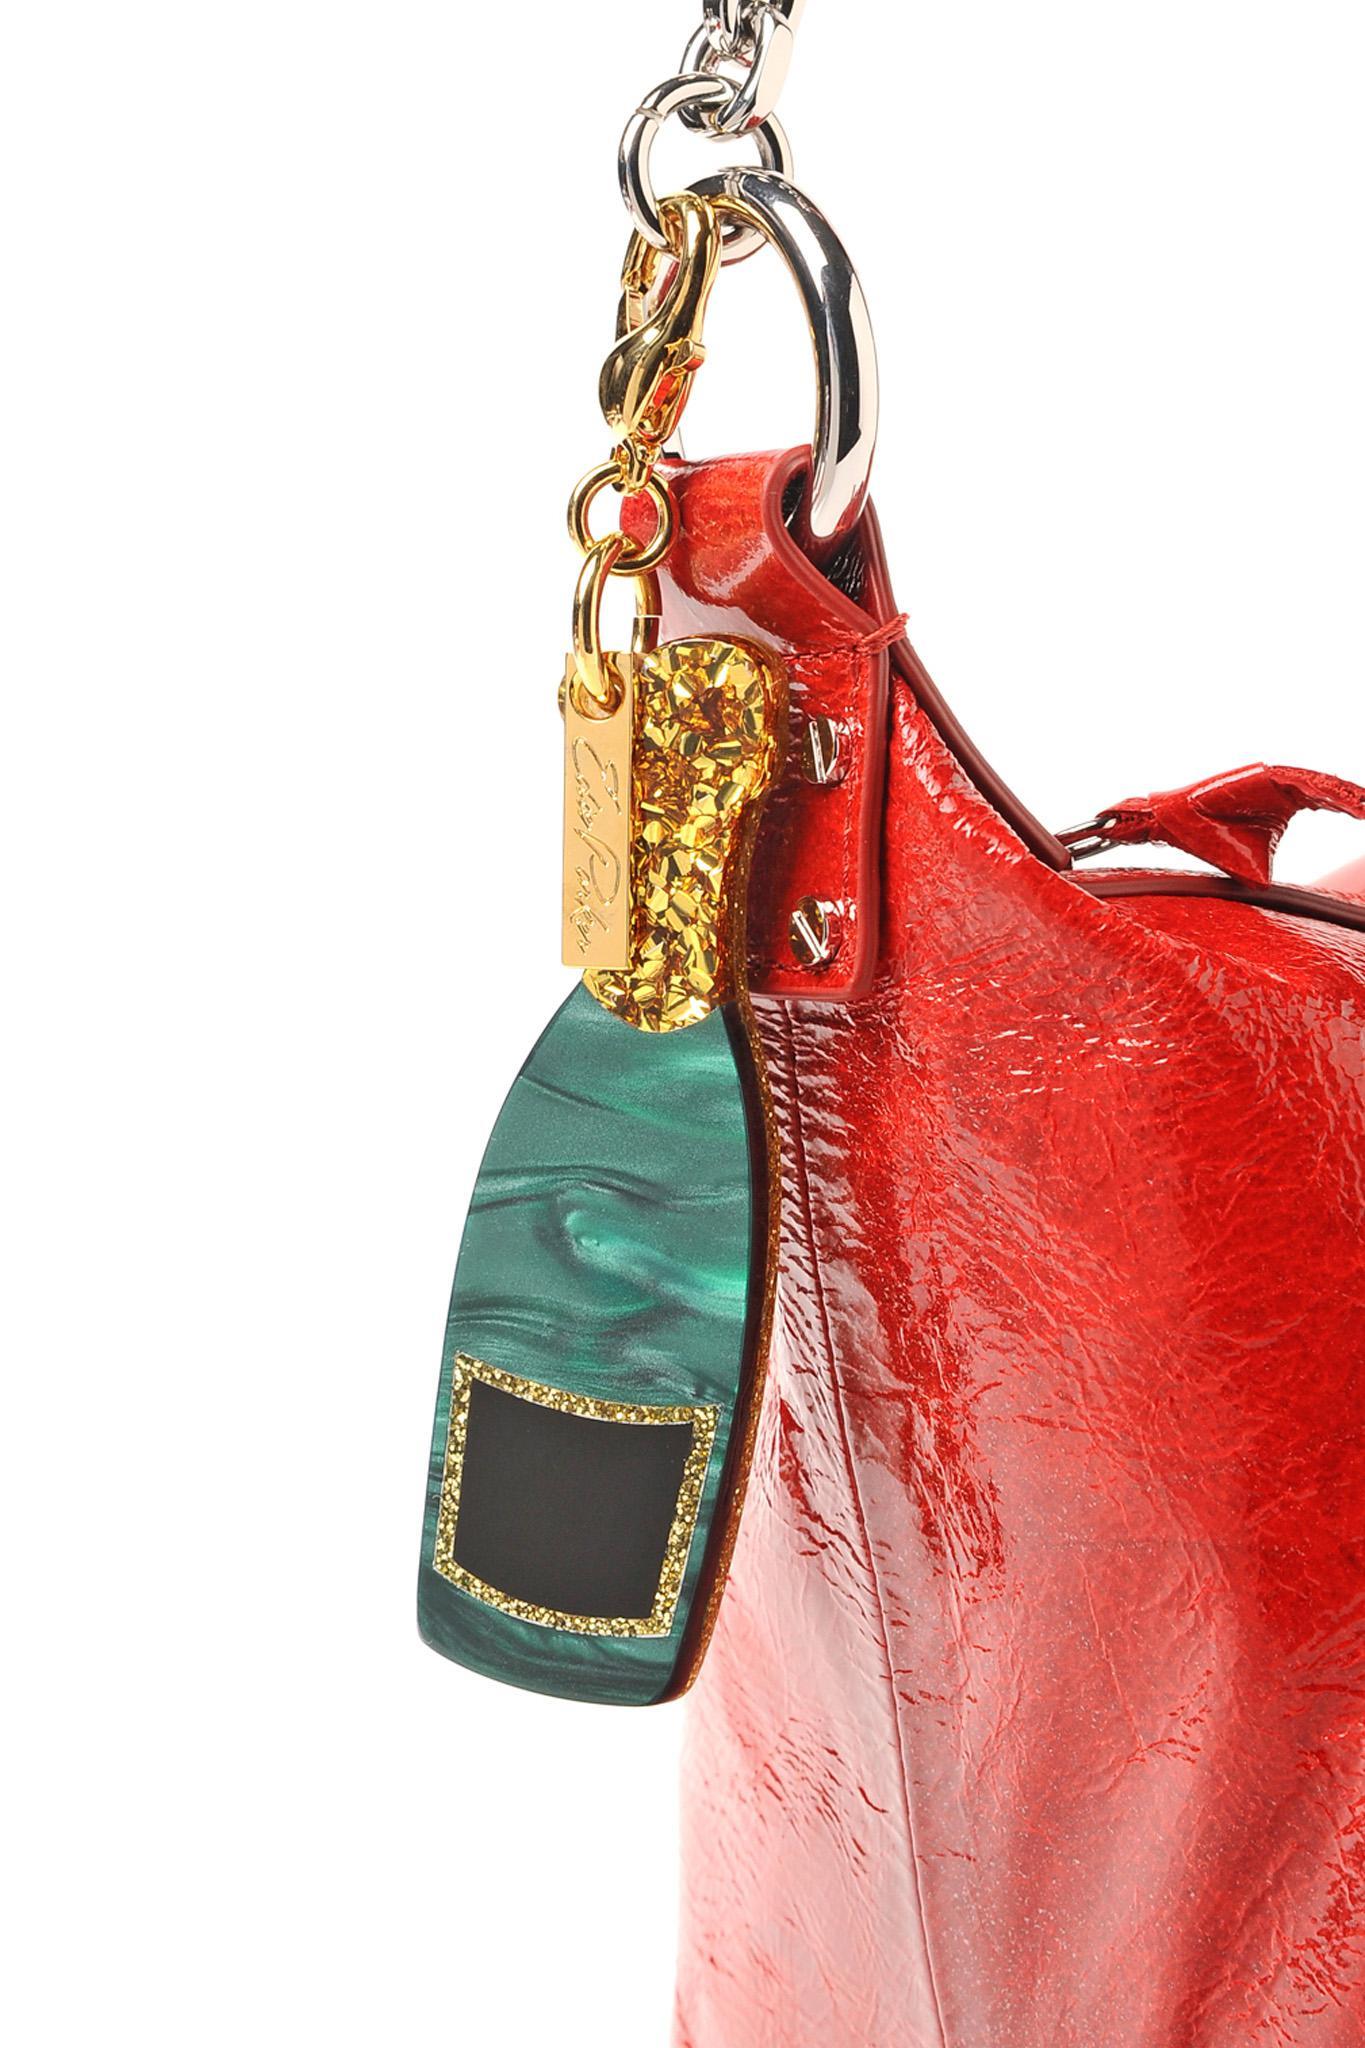 Edie Parker Champagne Bottle Bag Charm OZlwcbUmpz